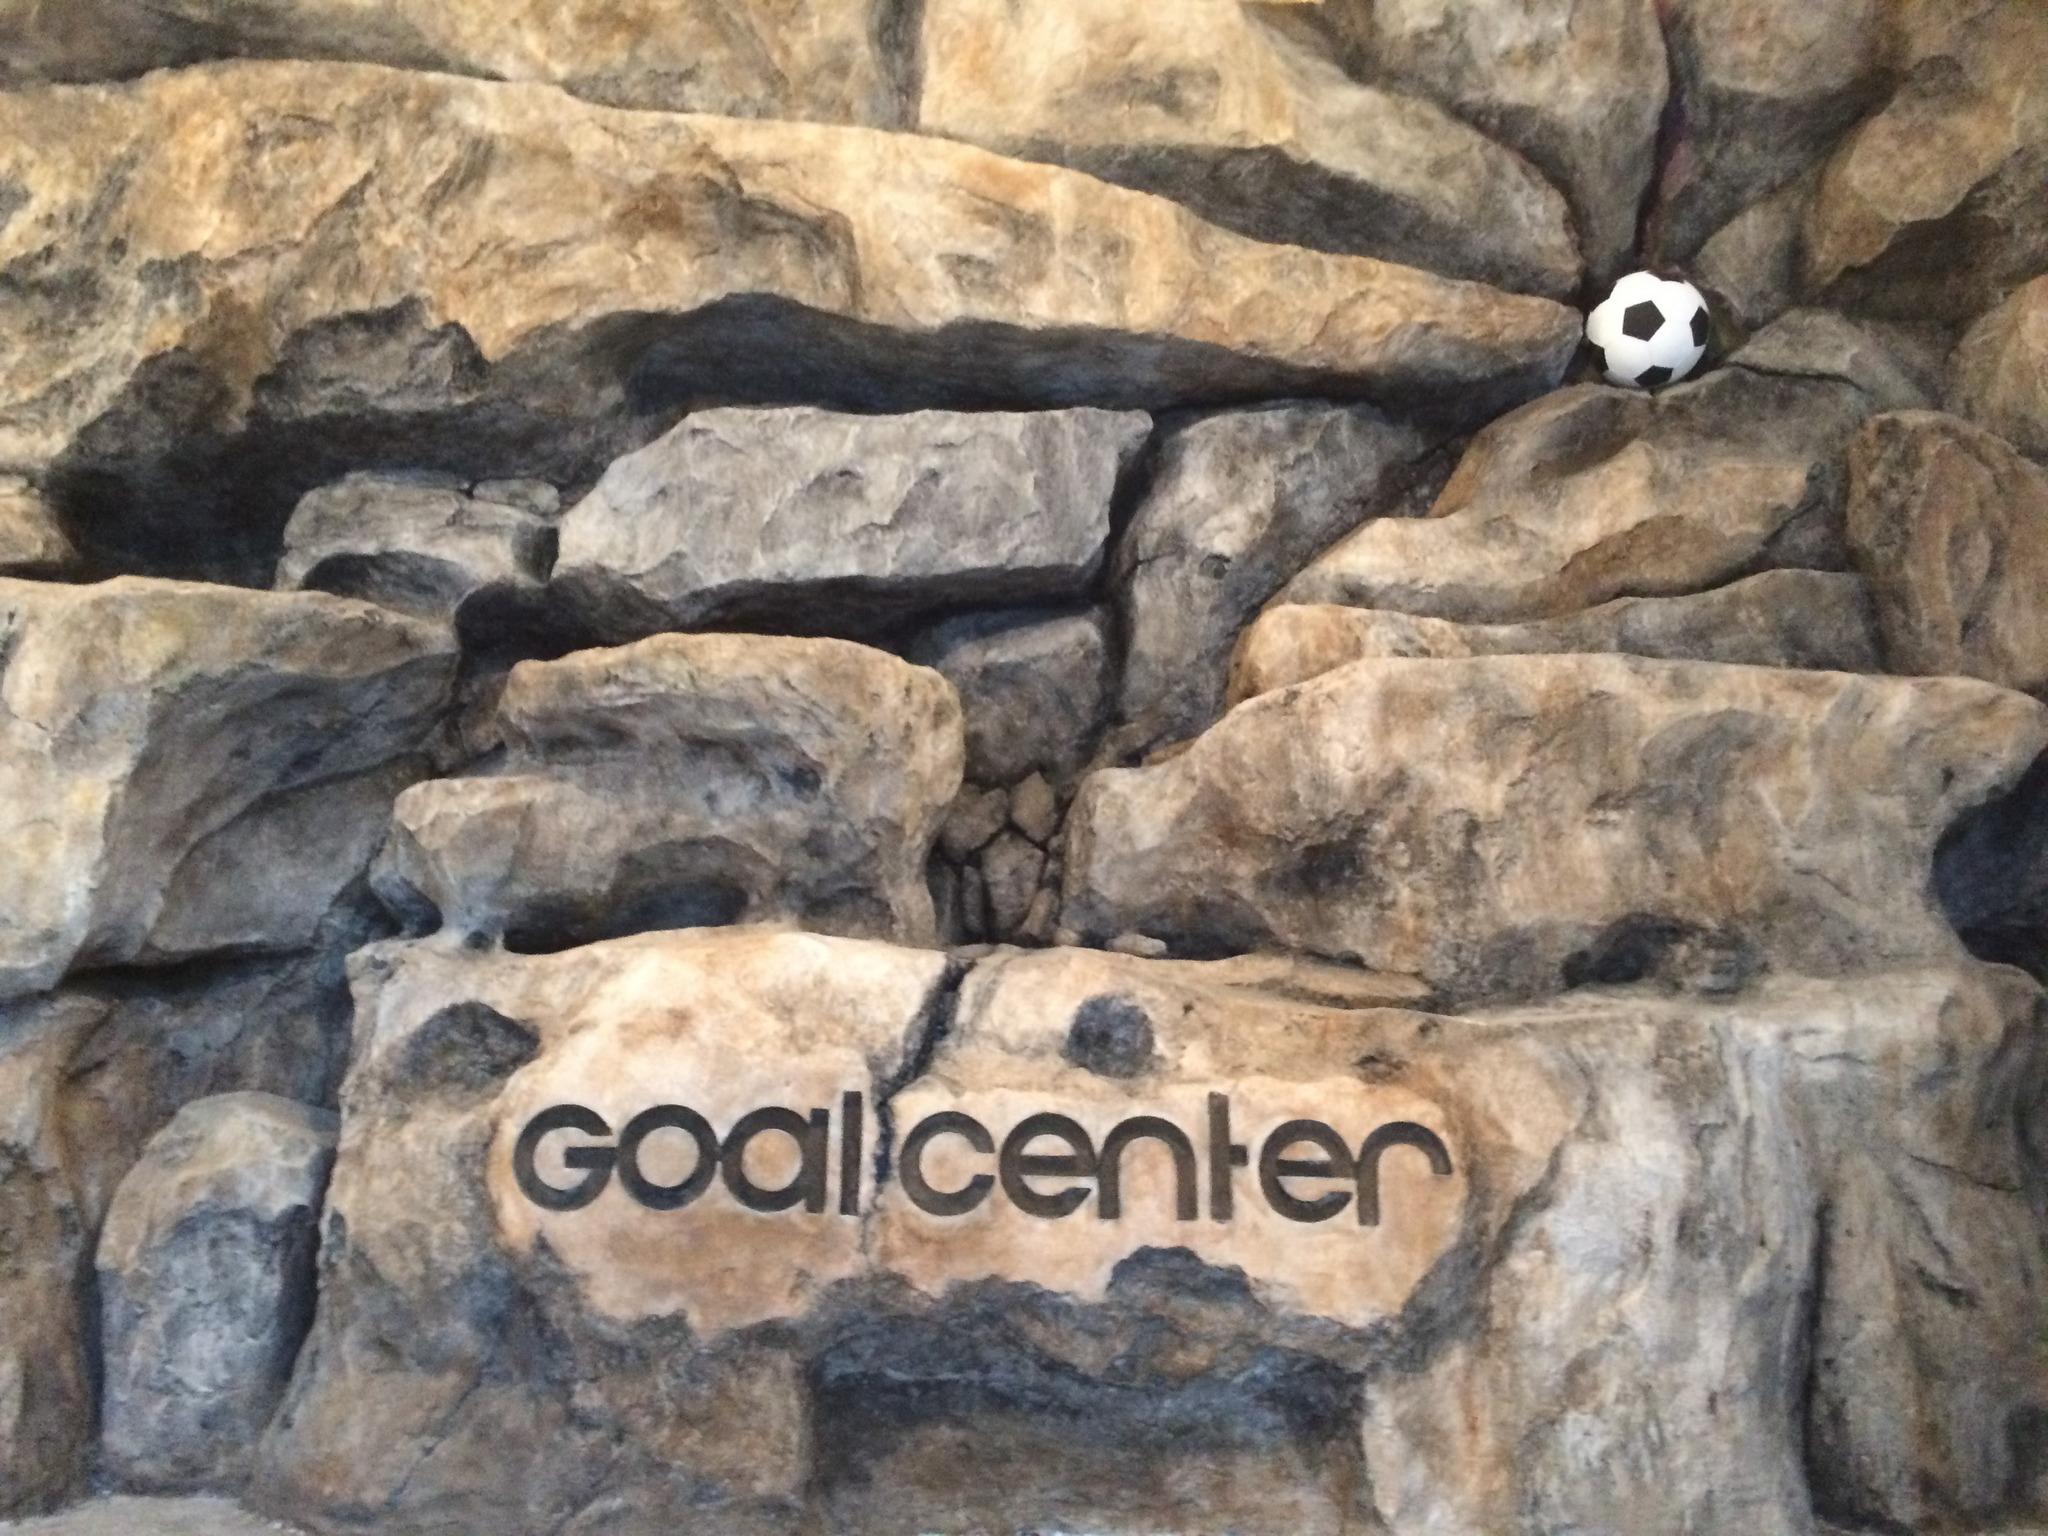 Логотип на искусственном камне